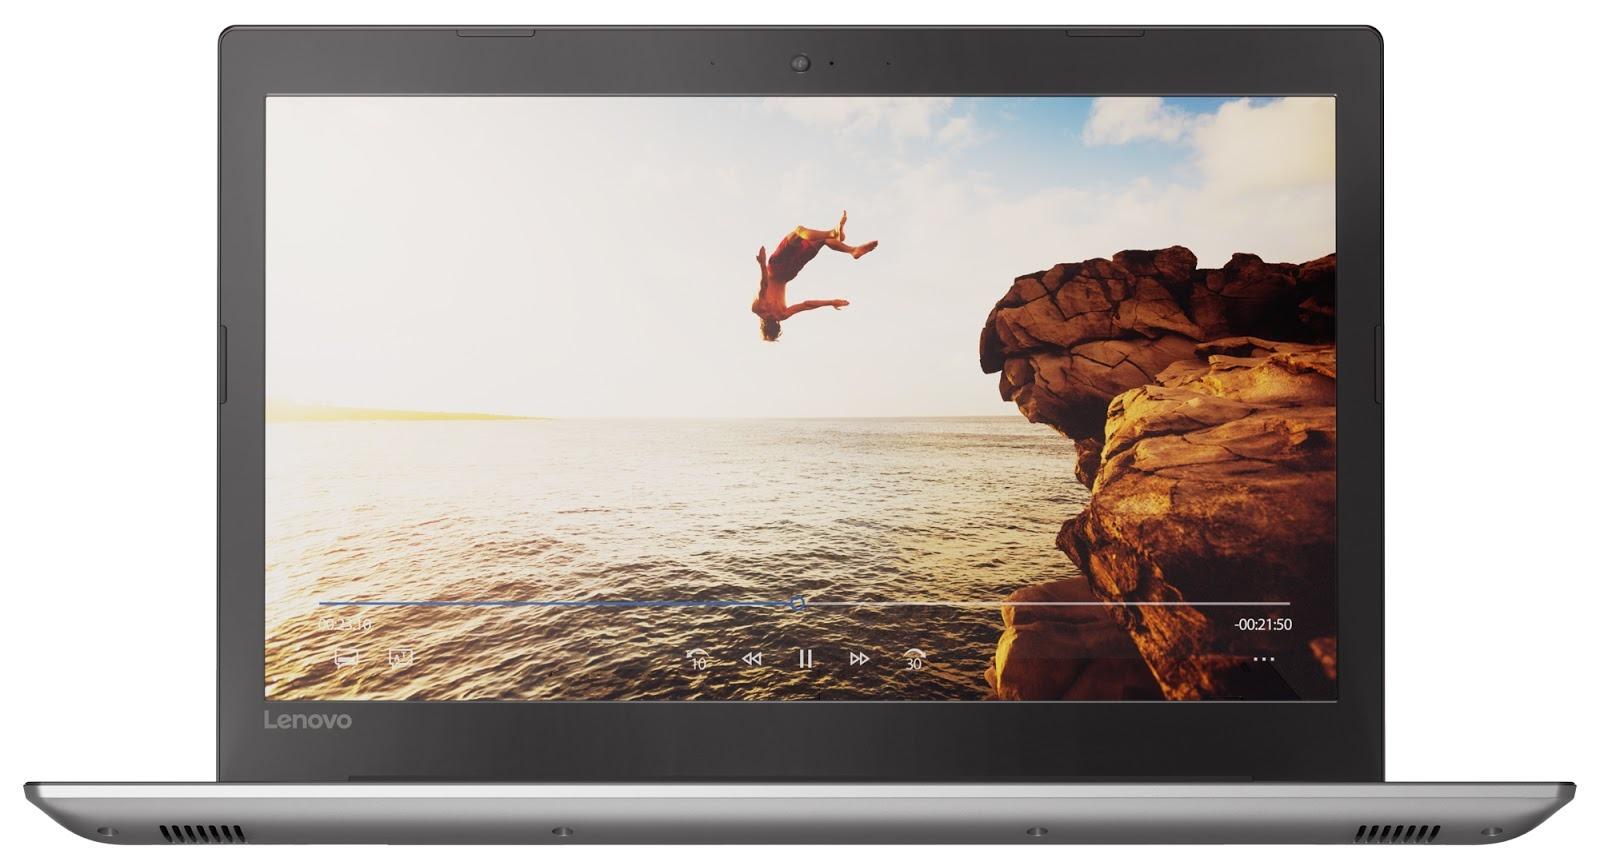 Фото 2. Ноутбук Lenovo ideapad 520-15IKB Iron Grey (81BF00HYRU)